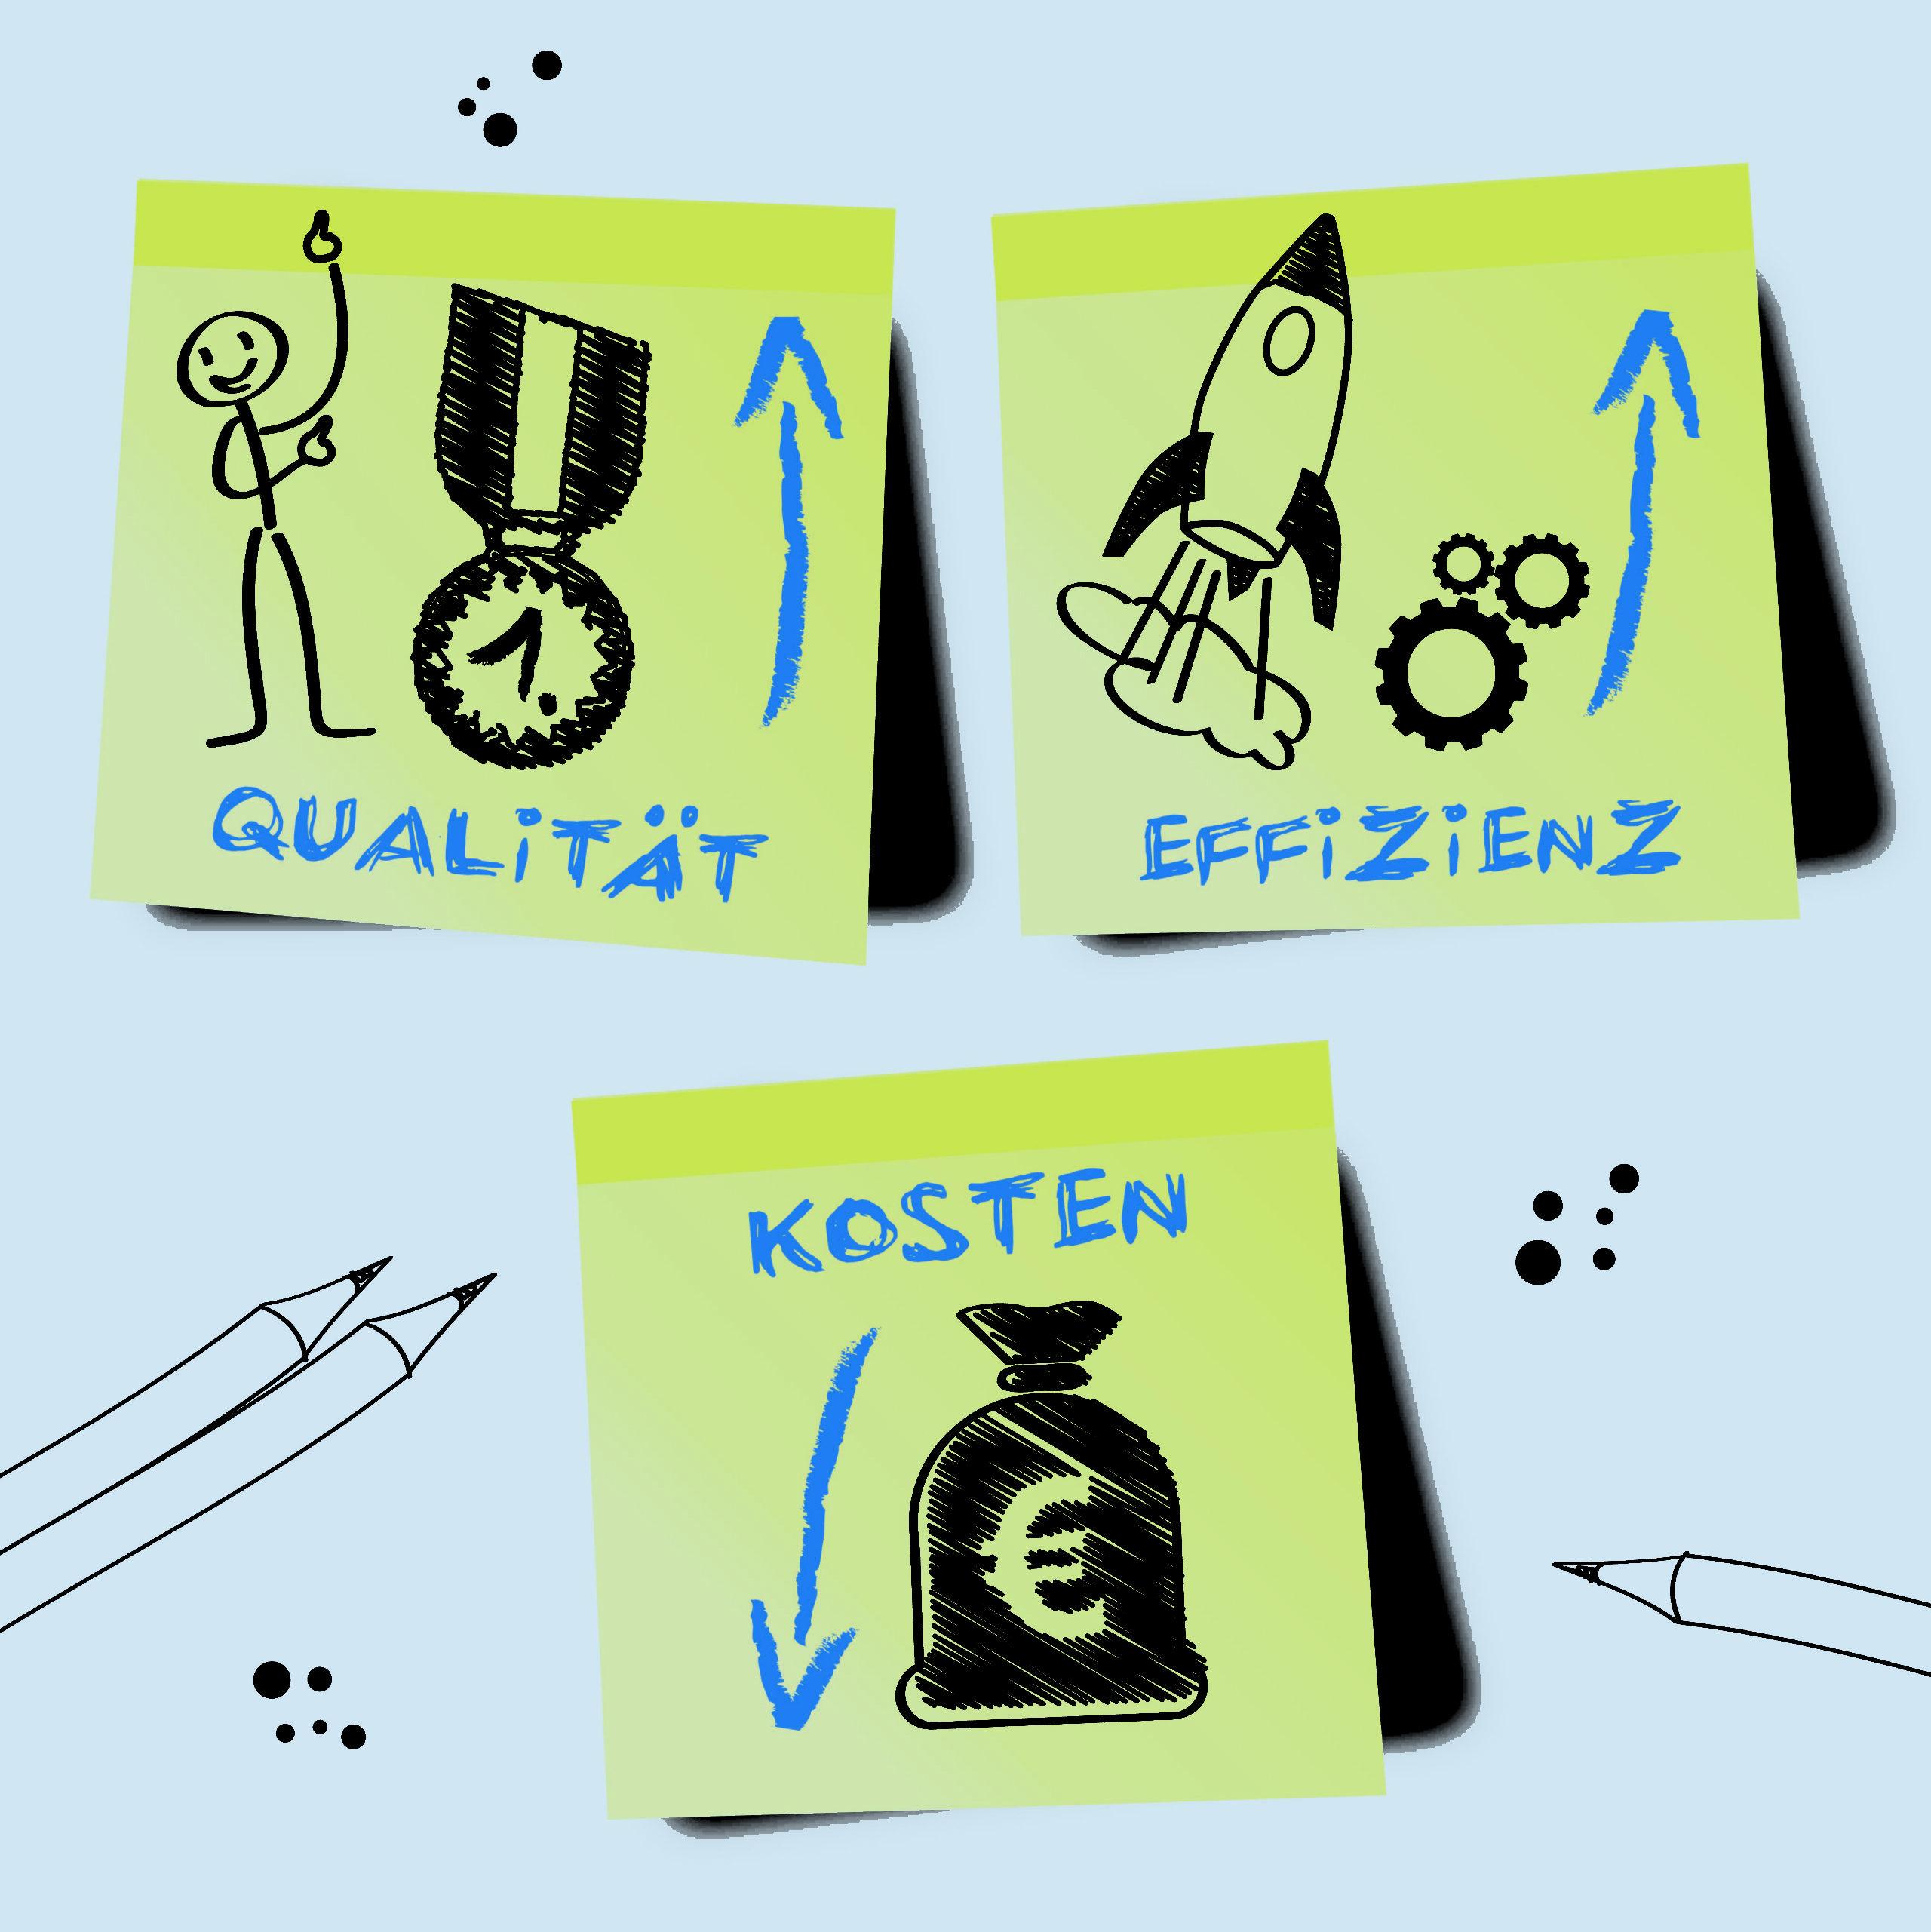 Qualität - Effizienz - Kosten